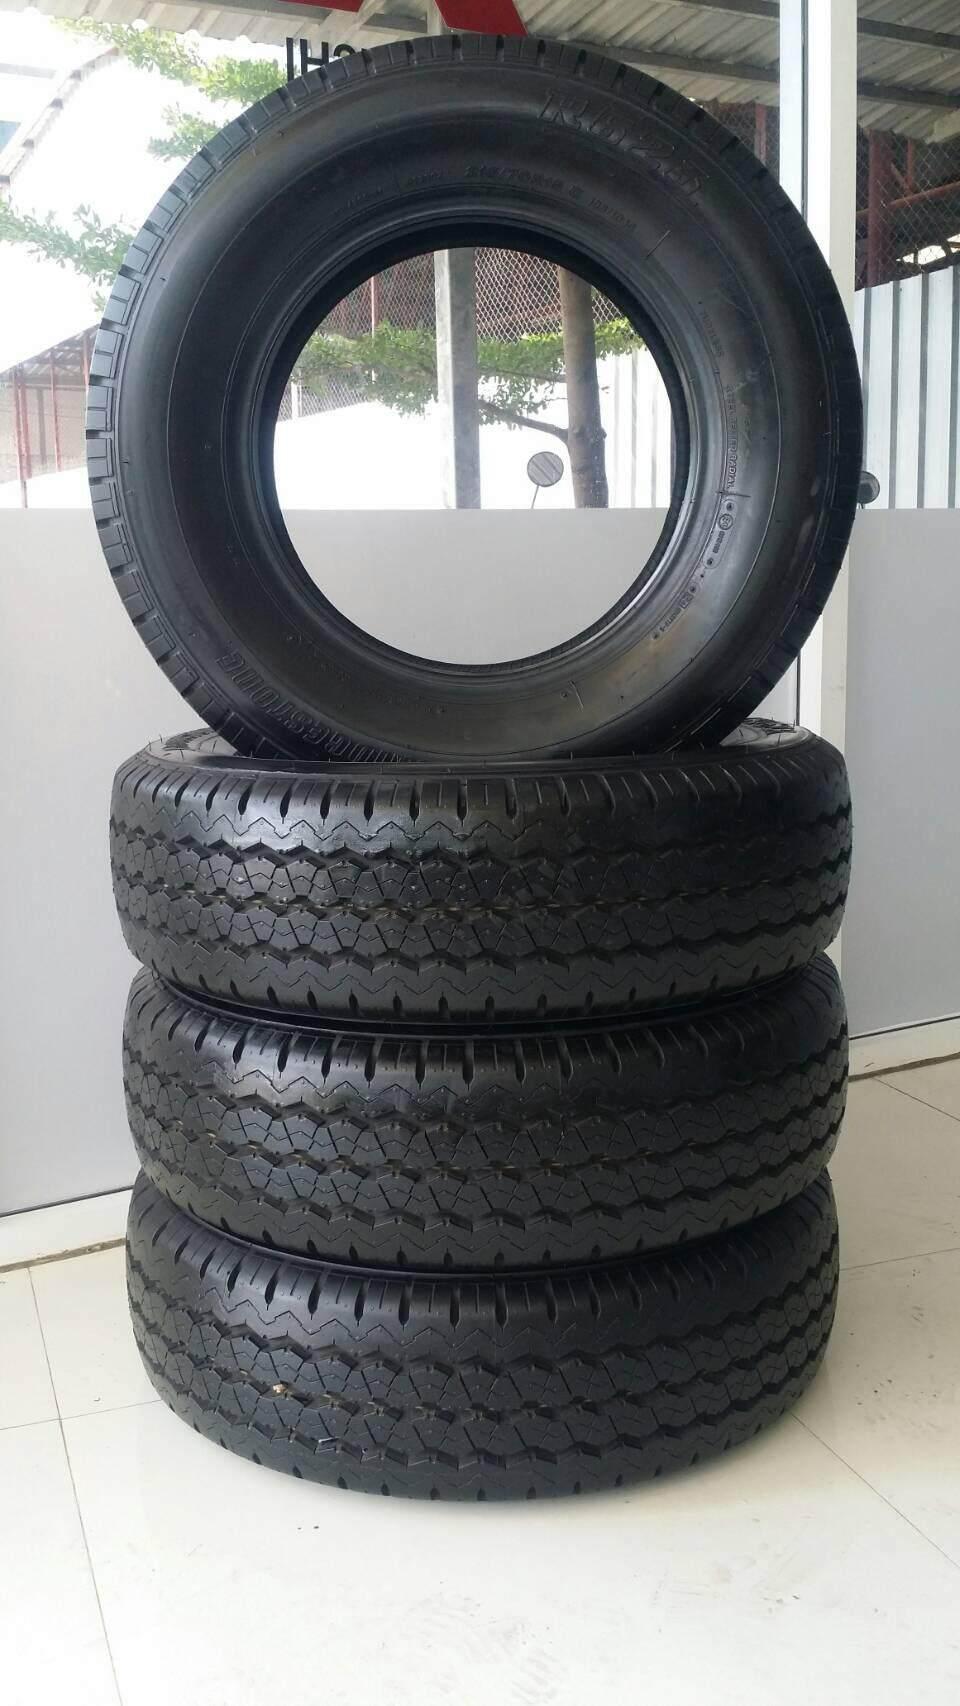 ประกันภัย รถยนต์ 2+ ยโสธร Bridgestone 215/70-15 R623 4 เส้น ปี 17 (ฟรี จุ๊บลมยาง 4 ตัว)